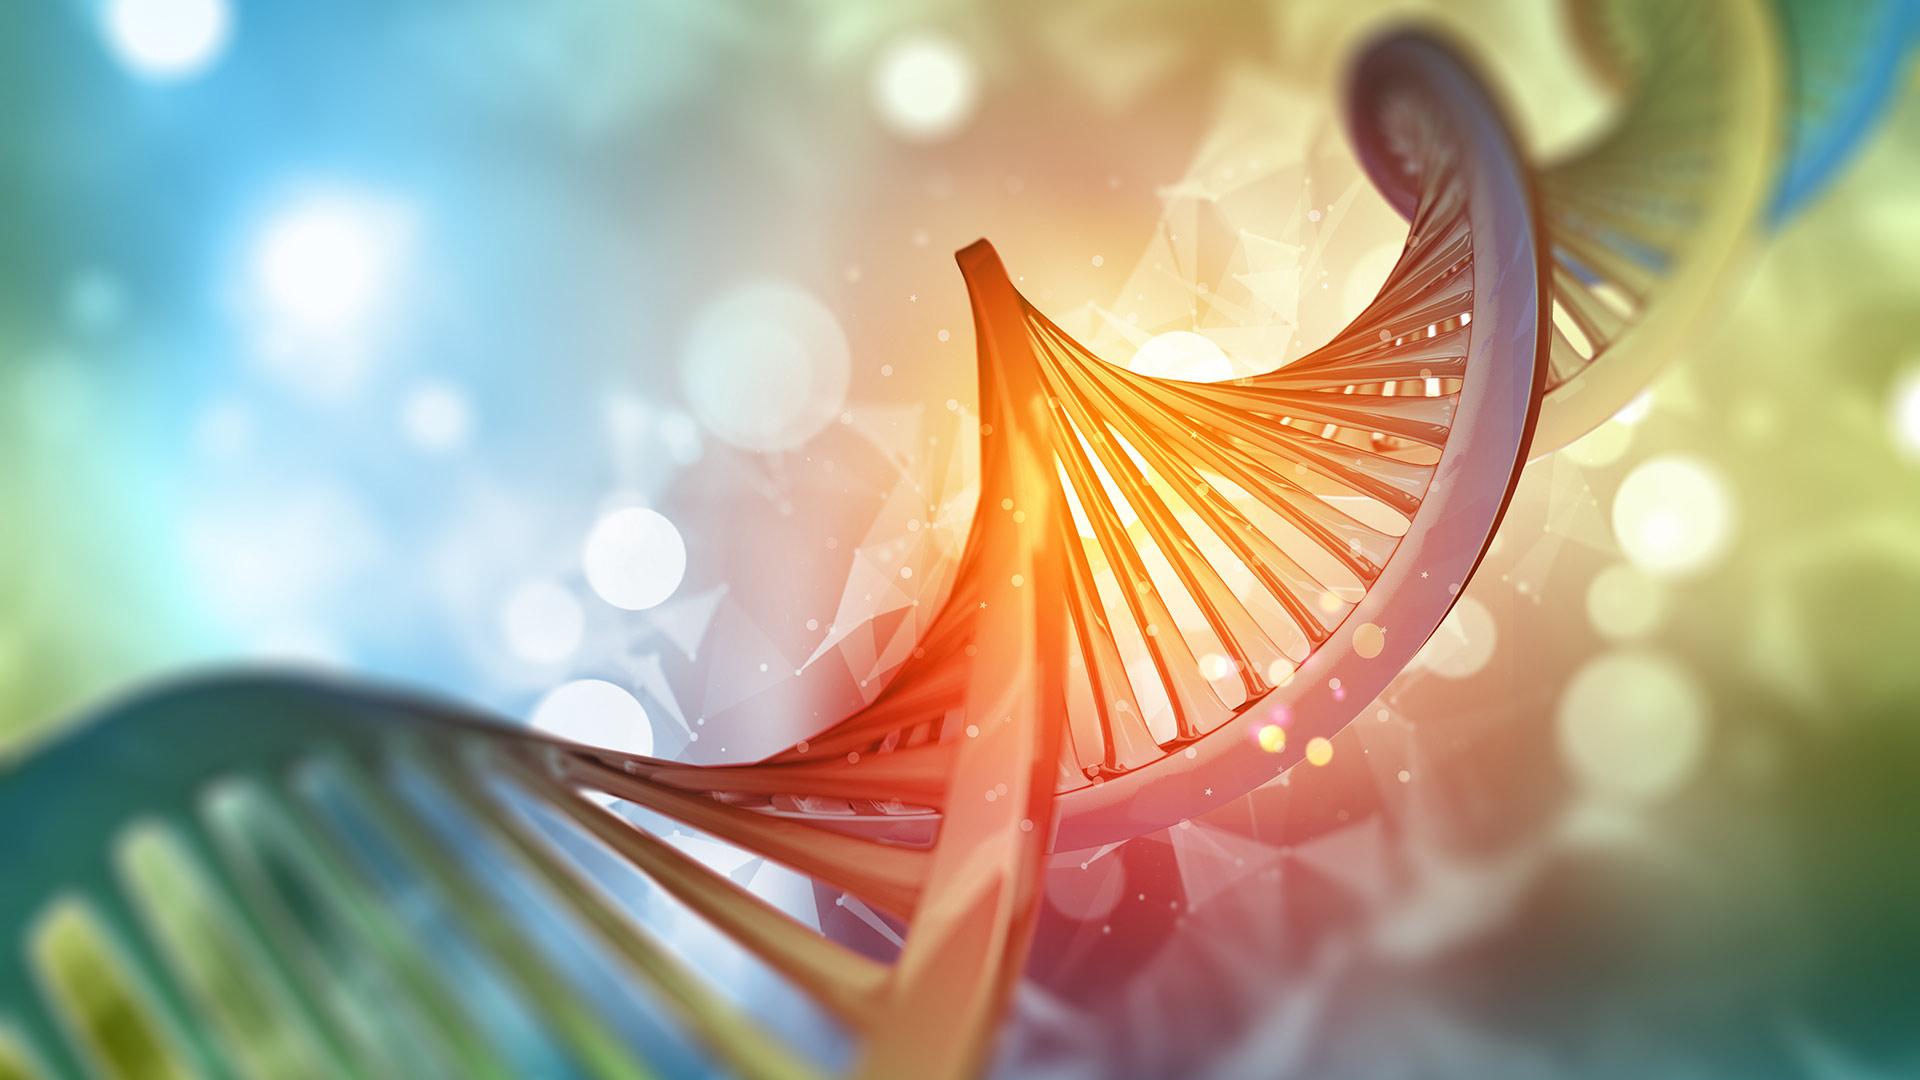 DNA-strand_1546544720955.jpg